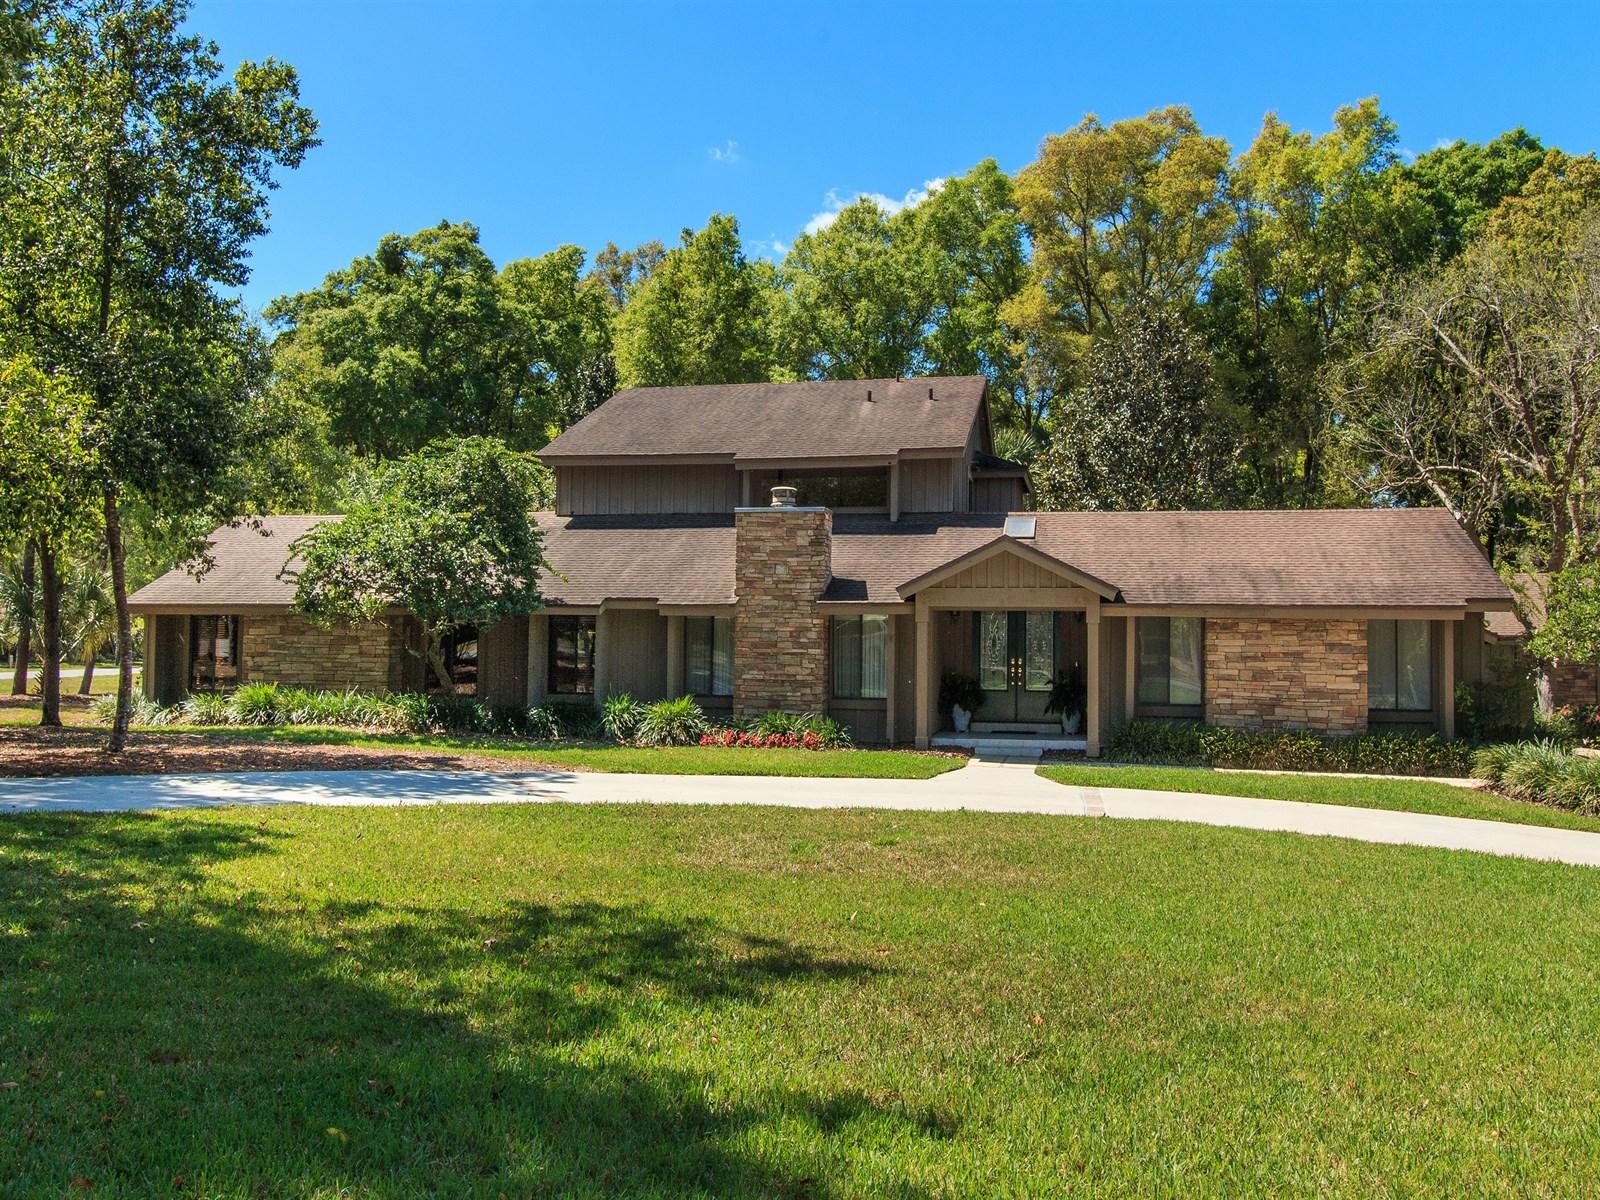 Maison unifamiliale pour l Vente à Longwood, Florida 87 Wisteria Drive Longwood, Florida 32779 États-Unis